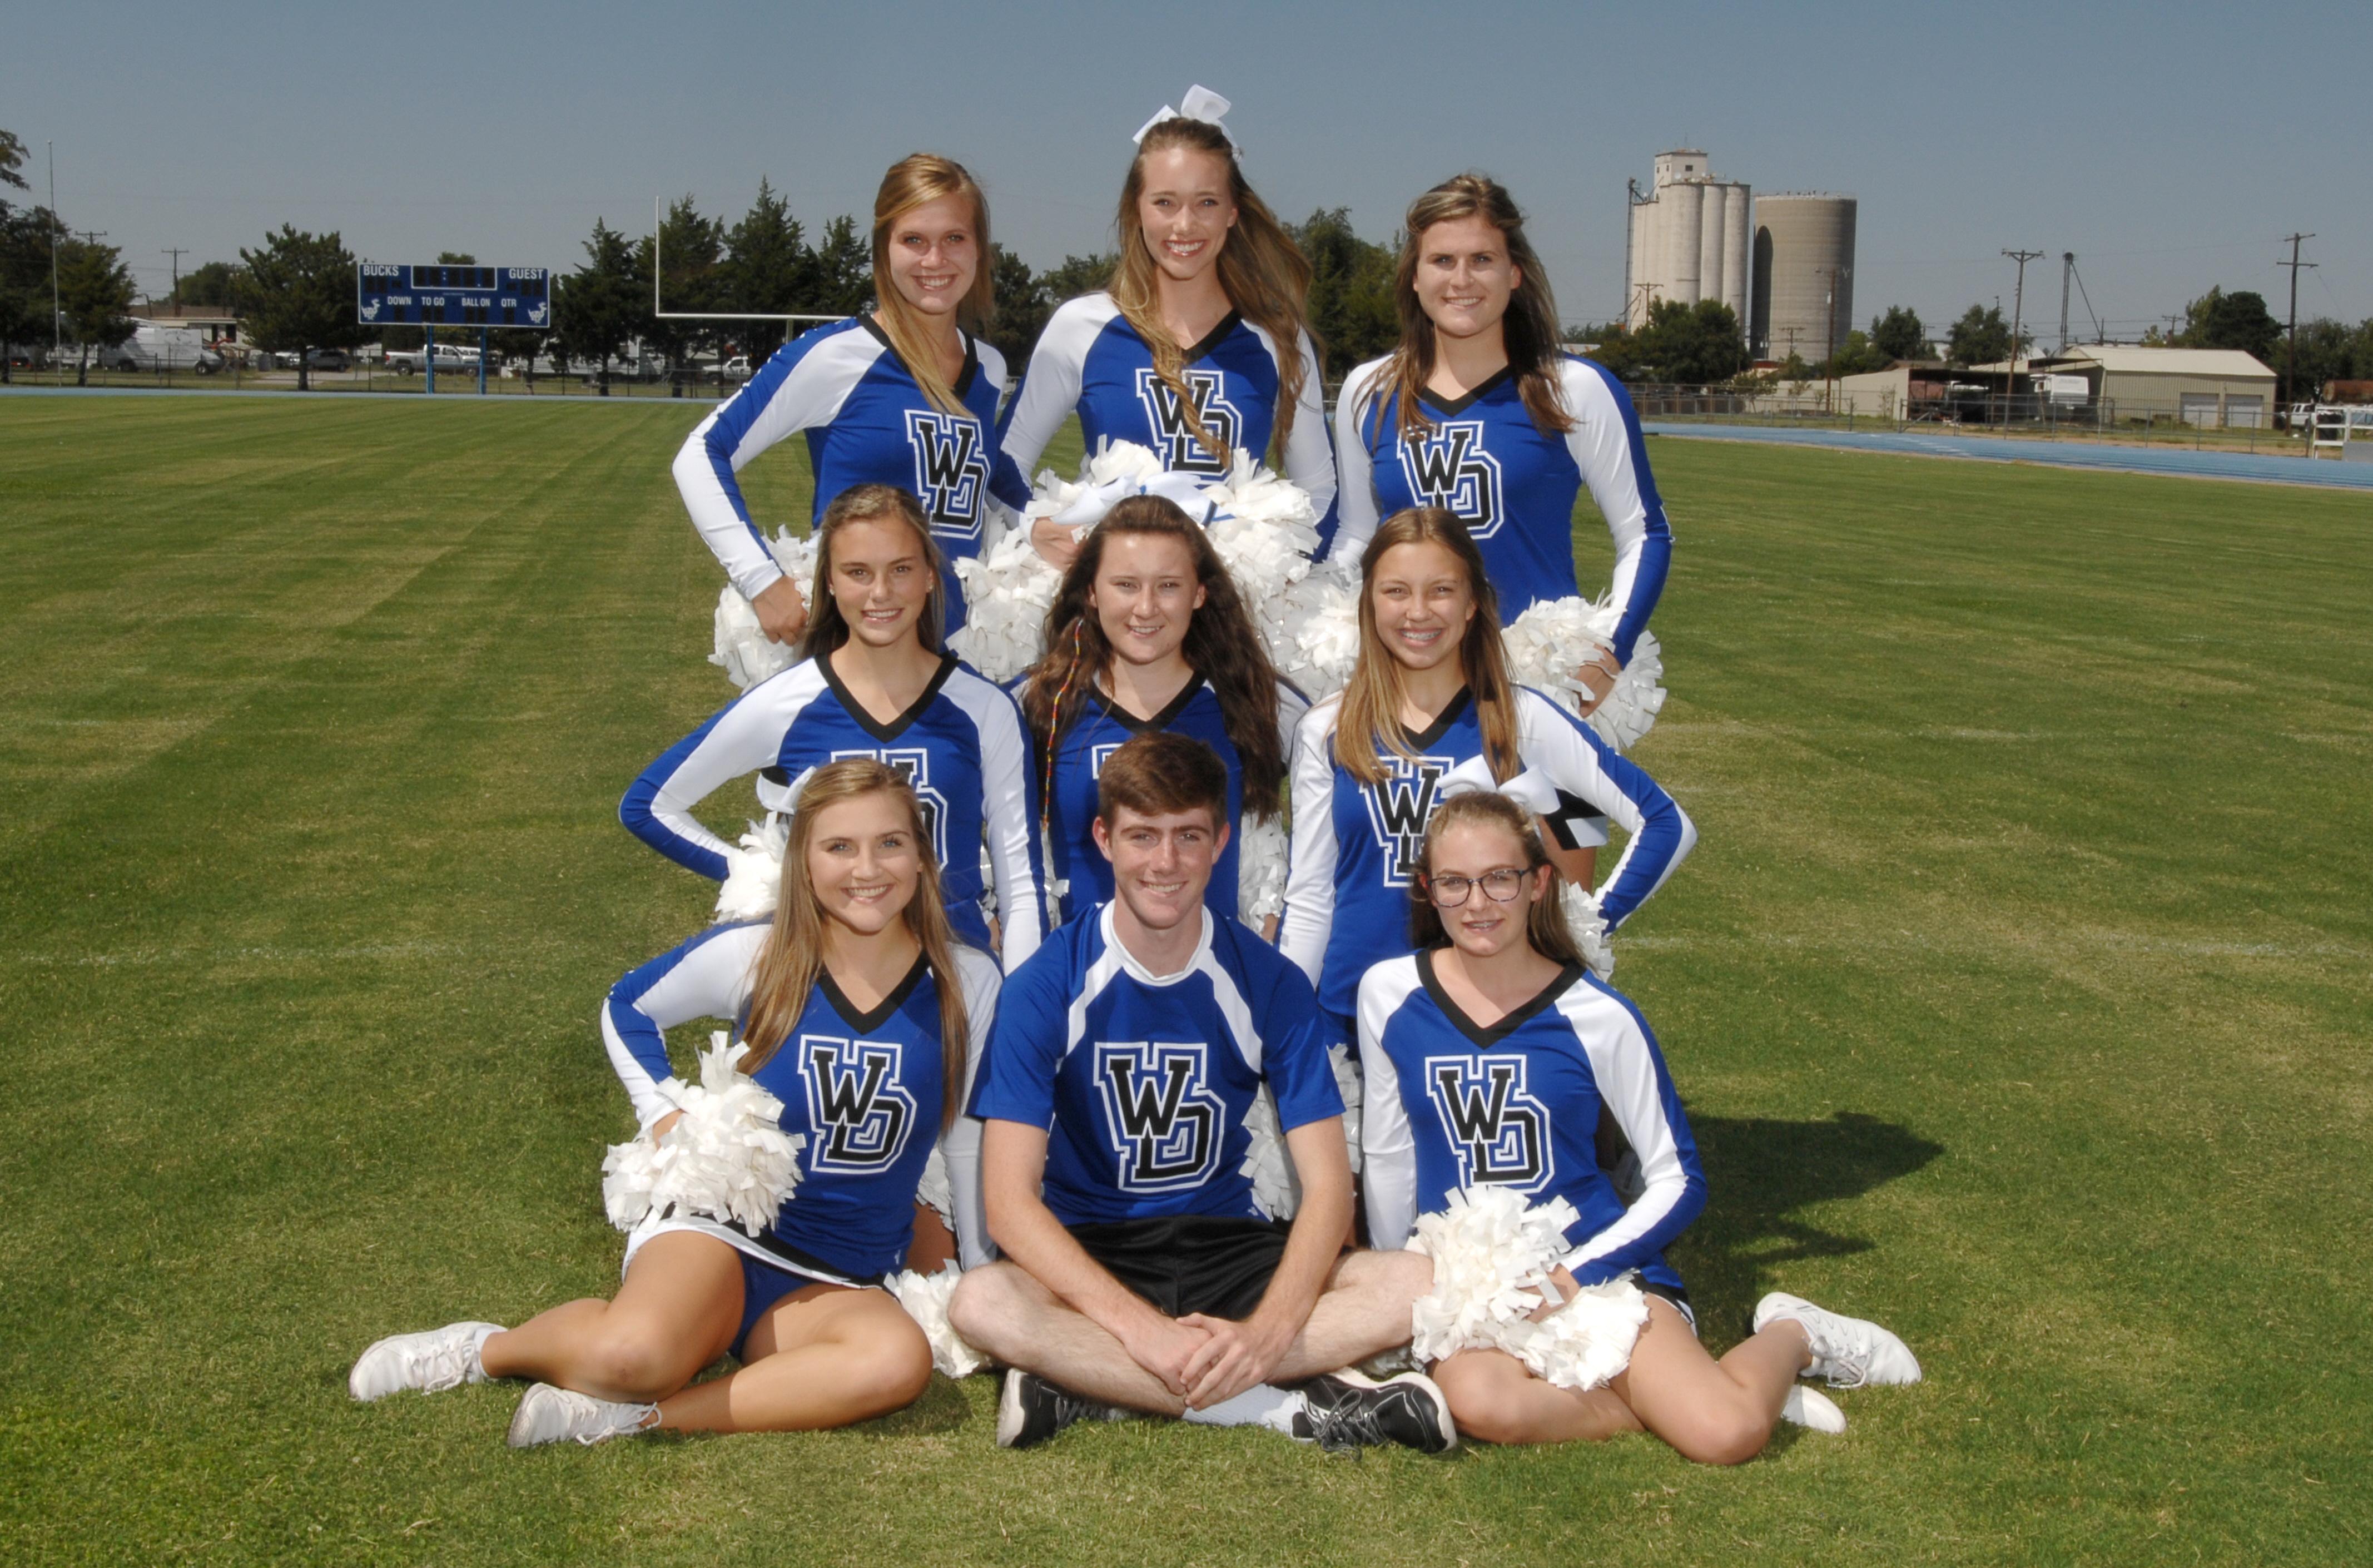 HS Cheerleaders